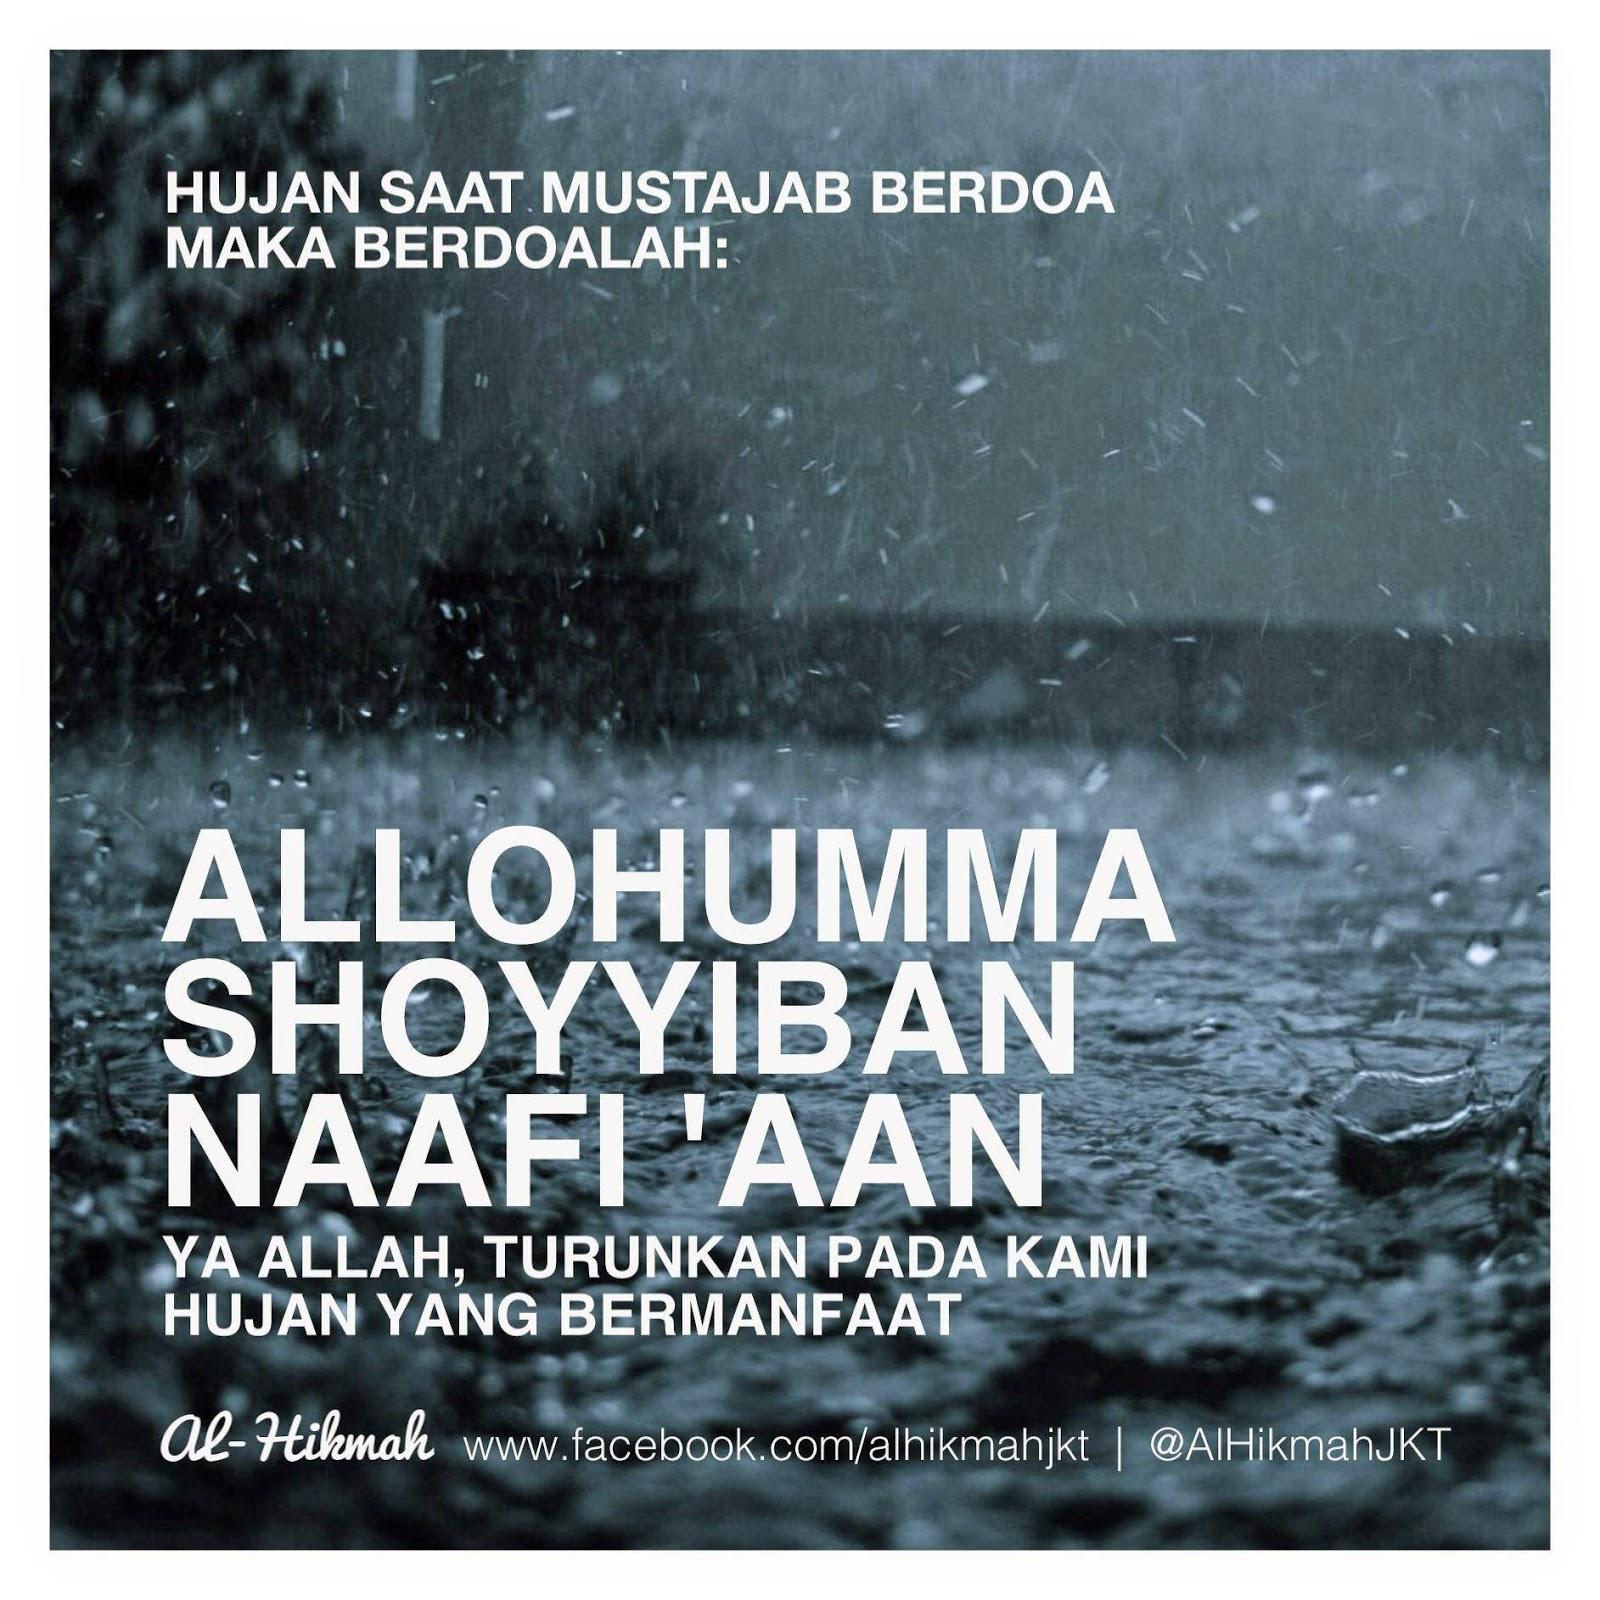 Do'a mustajab saat Hujan